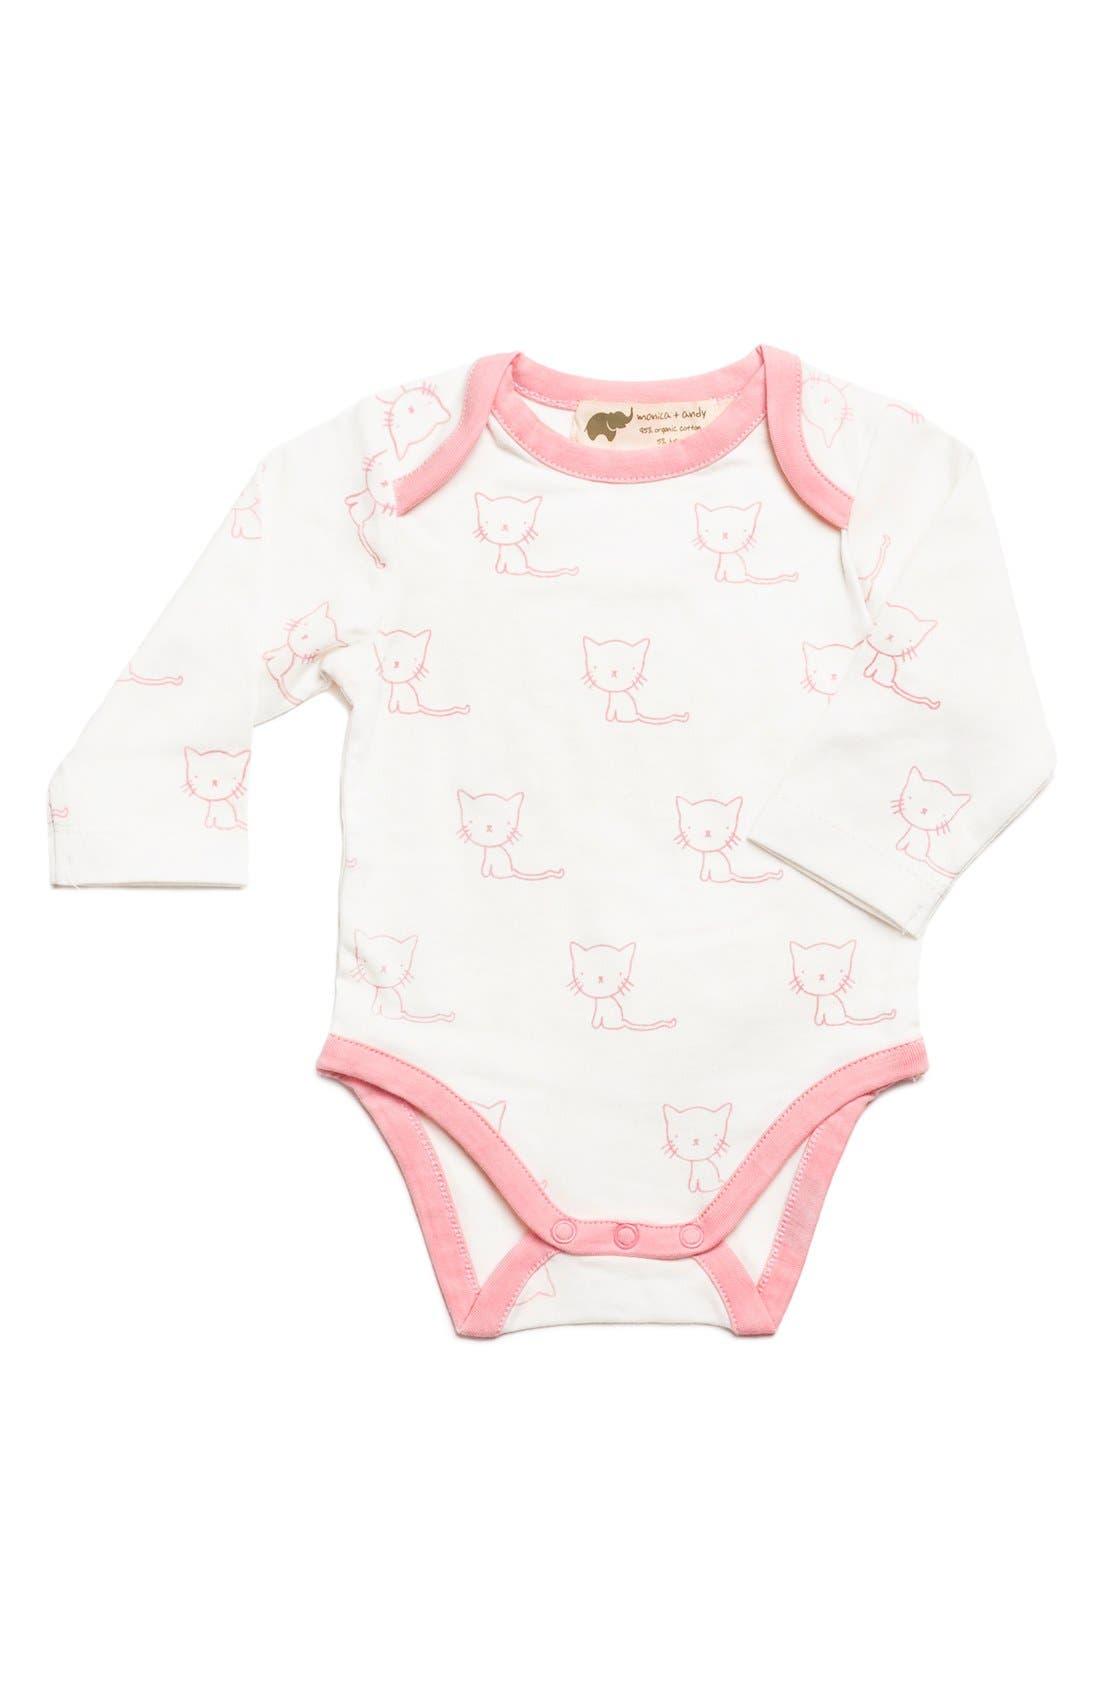 Jack & Jill Purrfectly Kitten Bodysuit,                         Main,                         color, 650